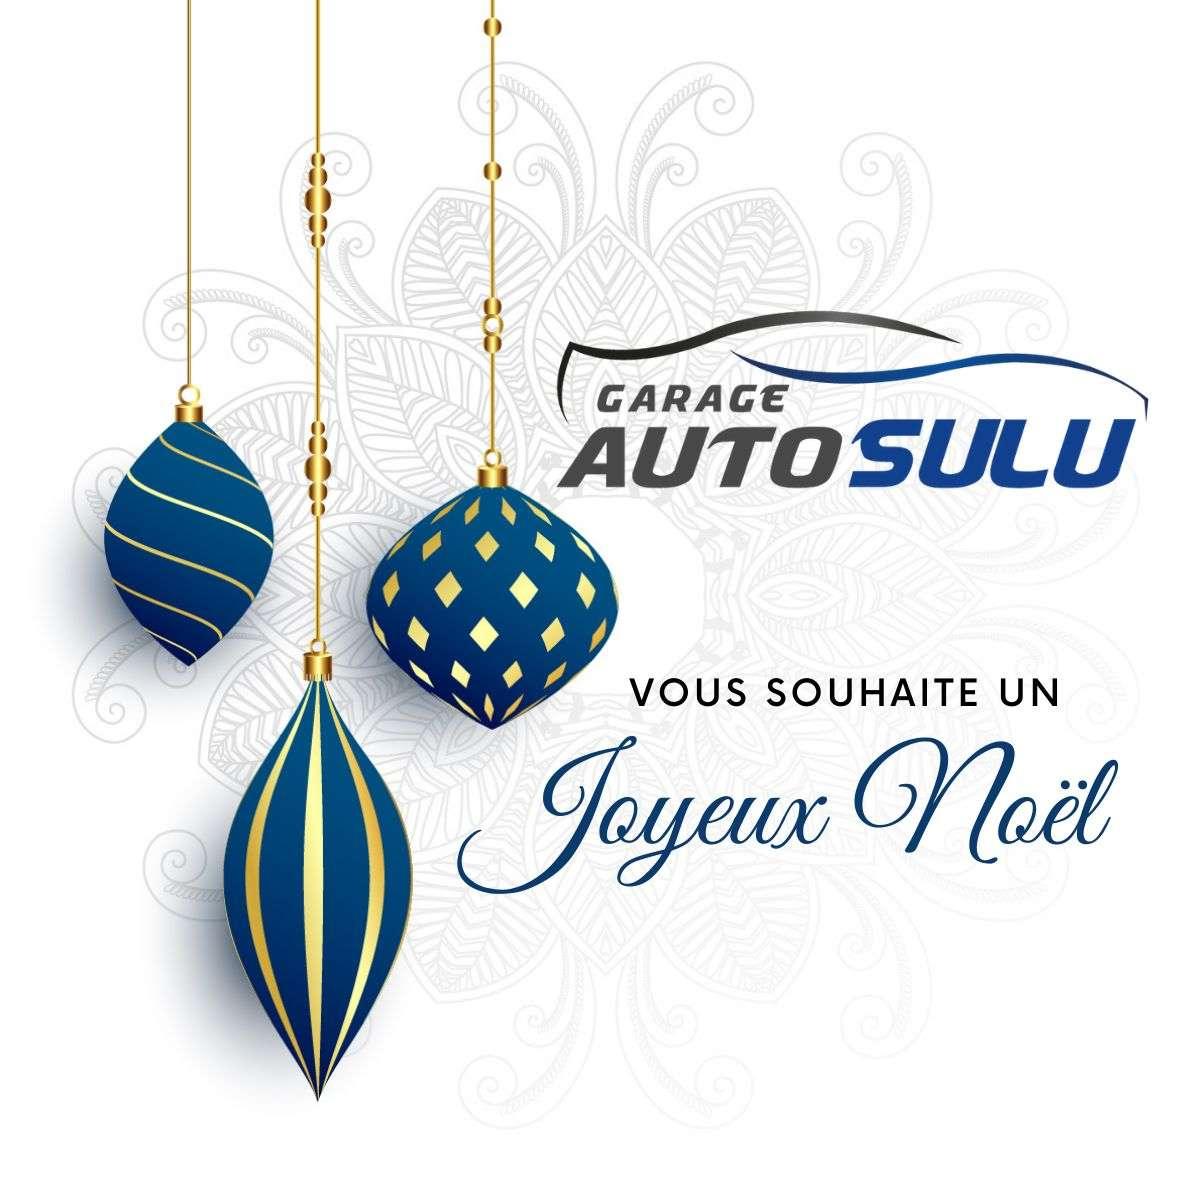 Garage Auto Sulu vous souhaite un joyeux Noël